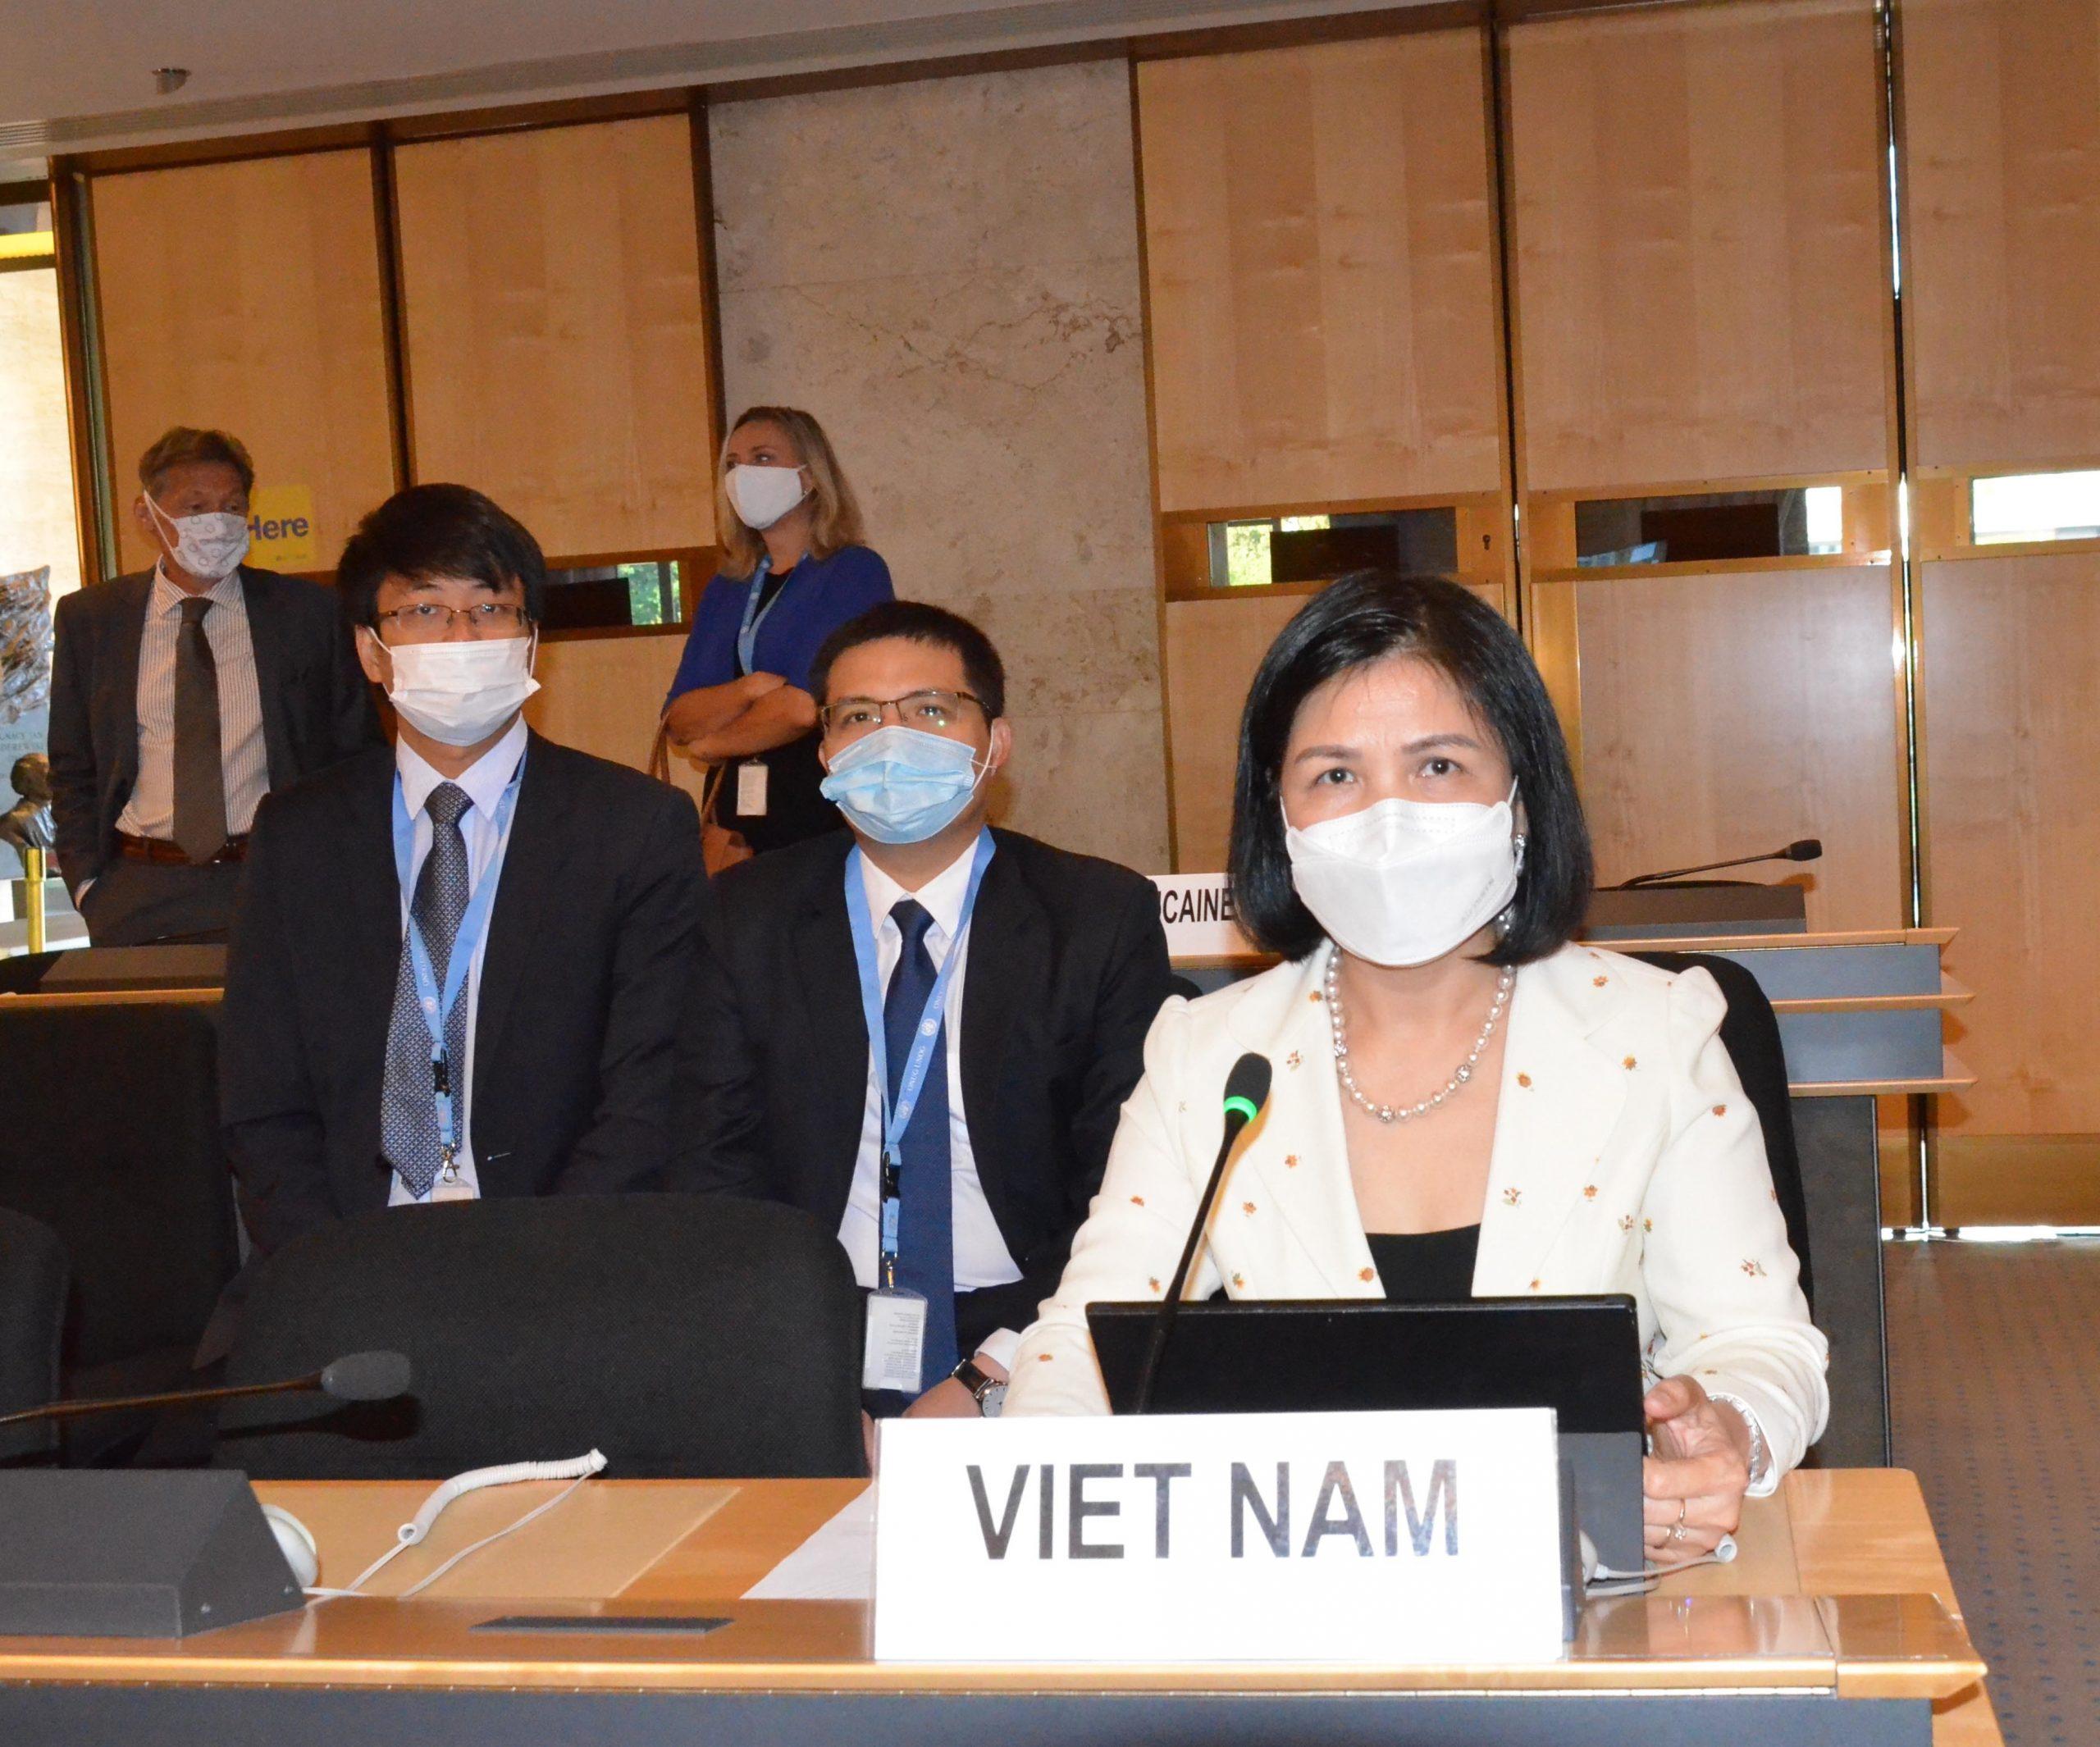 CSVN tại liên hiệp quốc khẳng định bảo vệ quyền con người đạt nhiều thành tựu